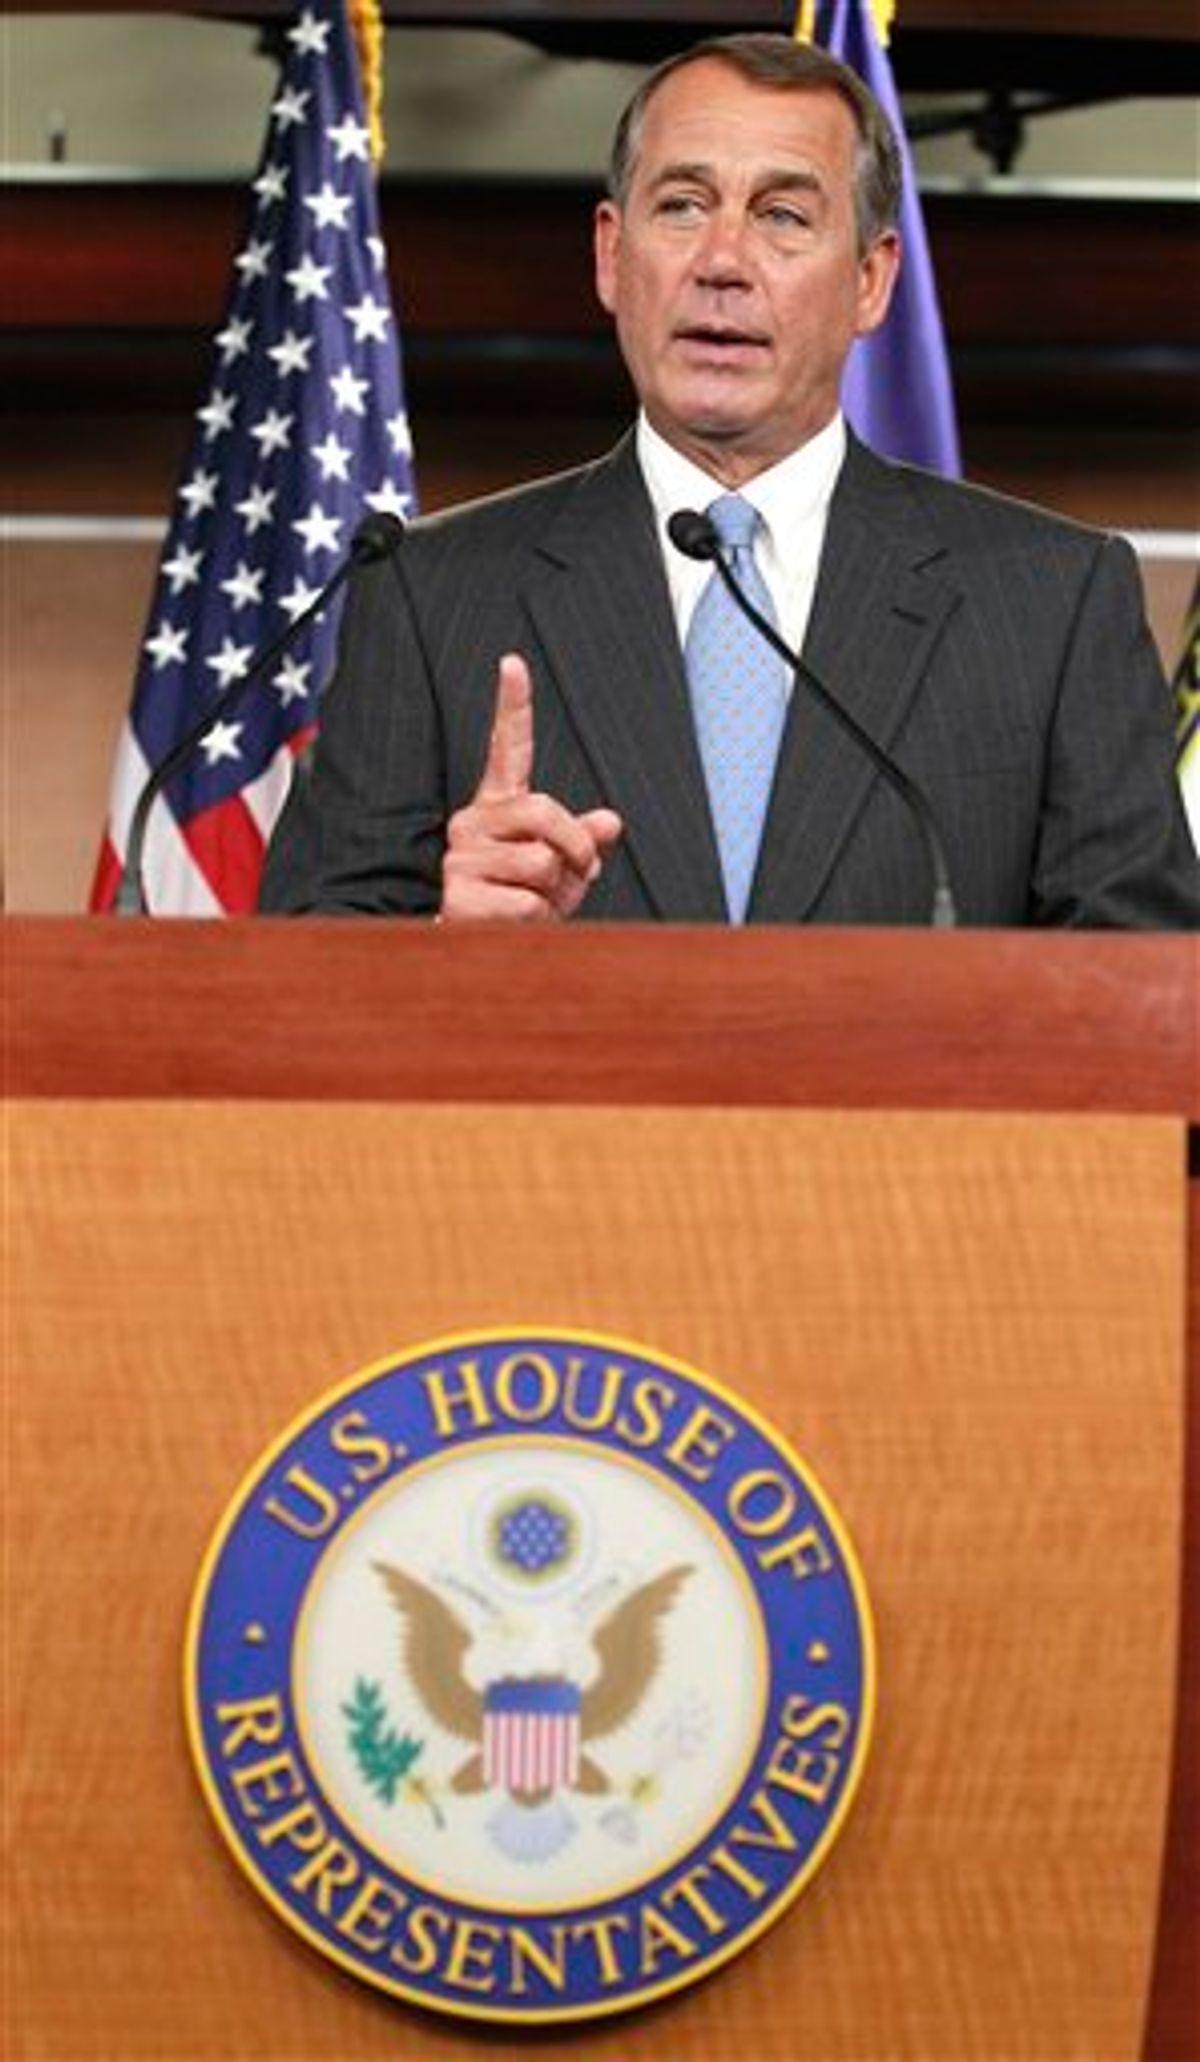 House Speaker John Boehner of Ohio, speaks to the media on Capitol Hill in Washington, Thursday, Jan. 6, 2011. (AP Photo/Alex Brandon) (AP)